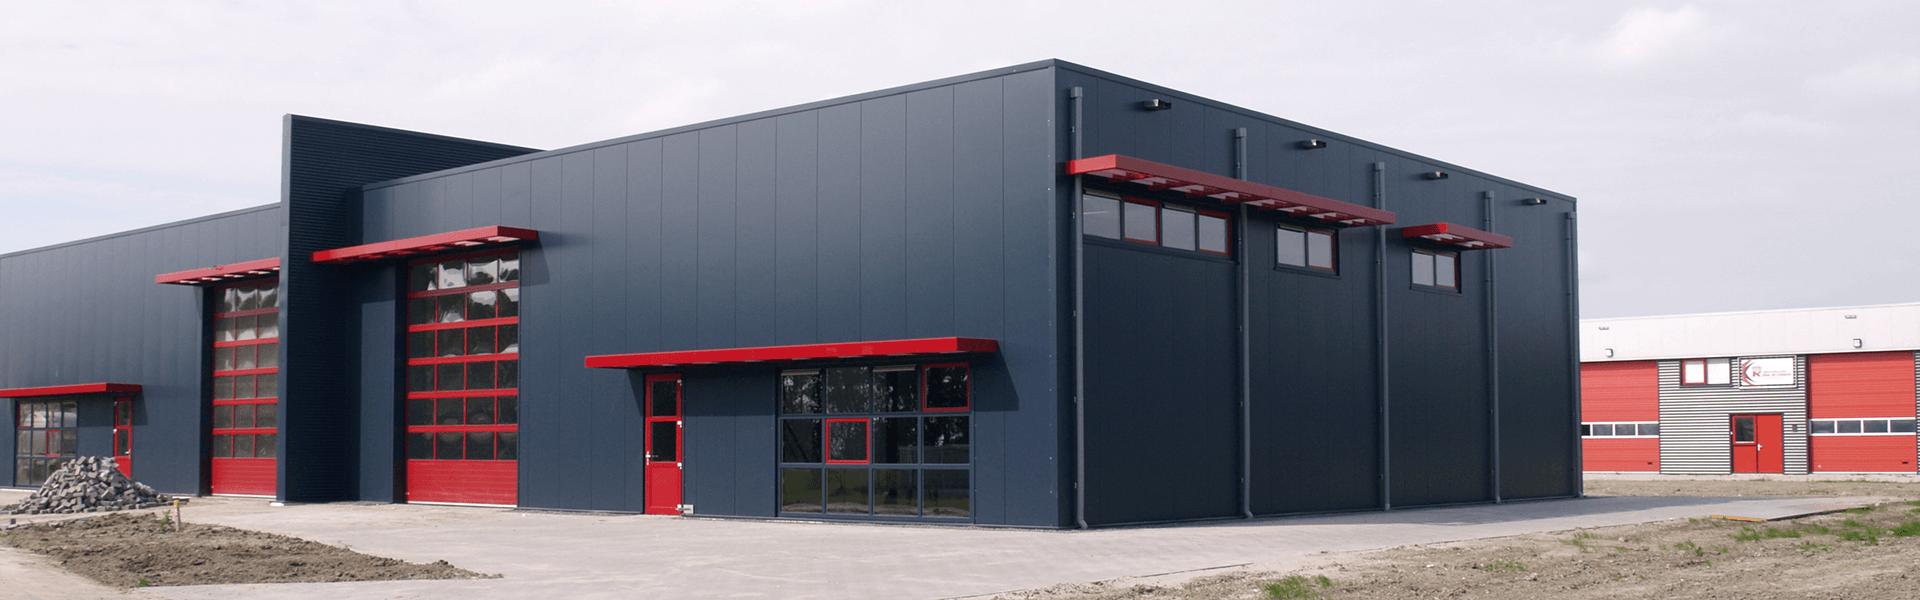 industriebouw - Bouwbedrijf Heeringa